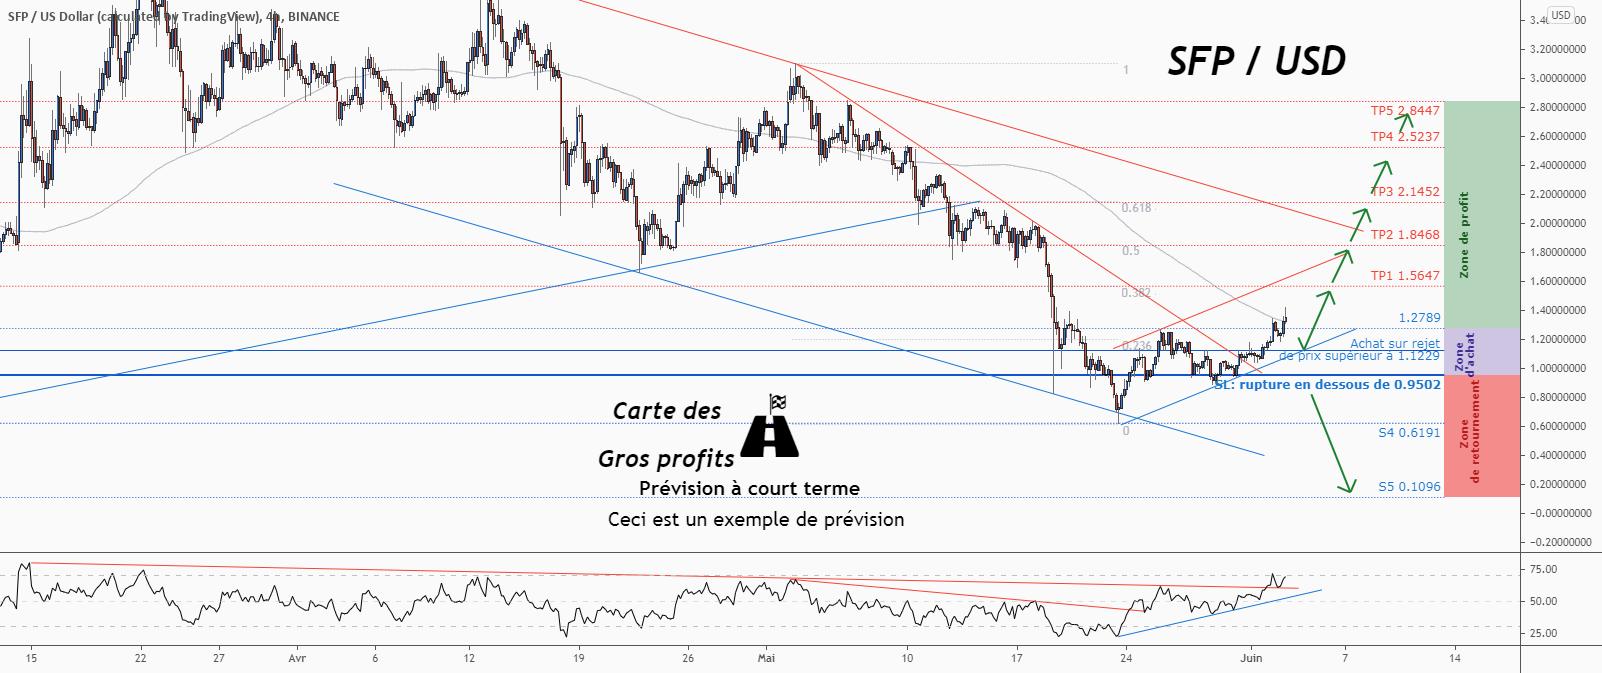 💡Ne manquez pas cette grande opportunité d'achat de SFPUSD pour BINANCE:SFPUSD par ForecastCity_Francais